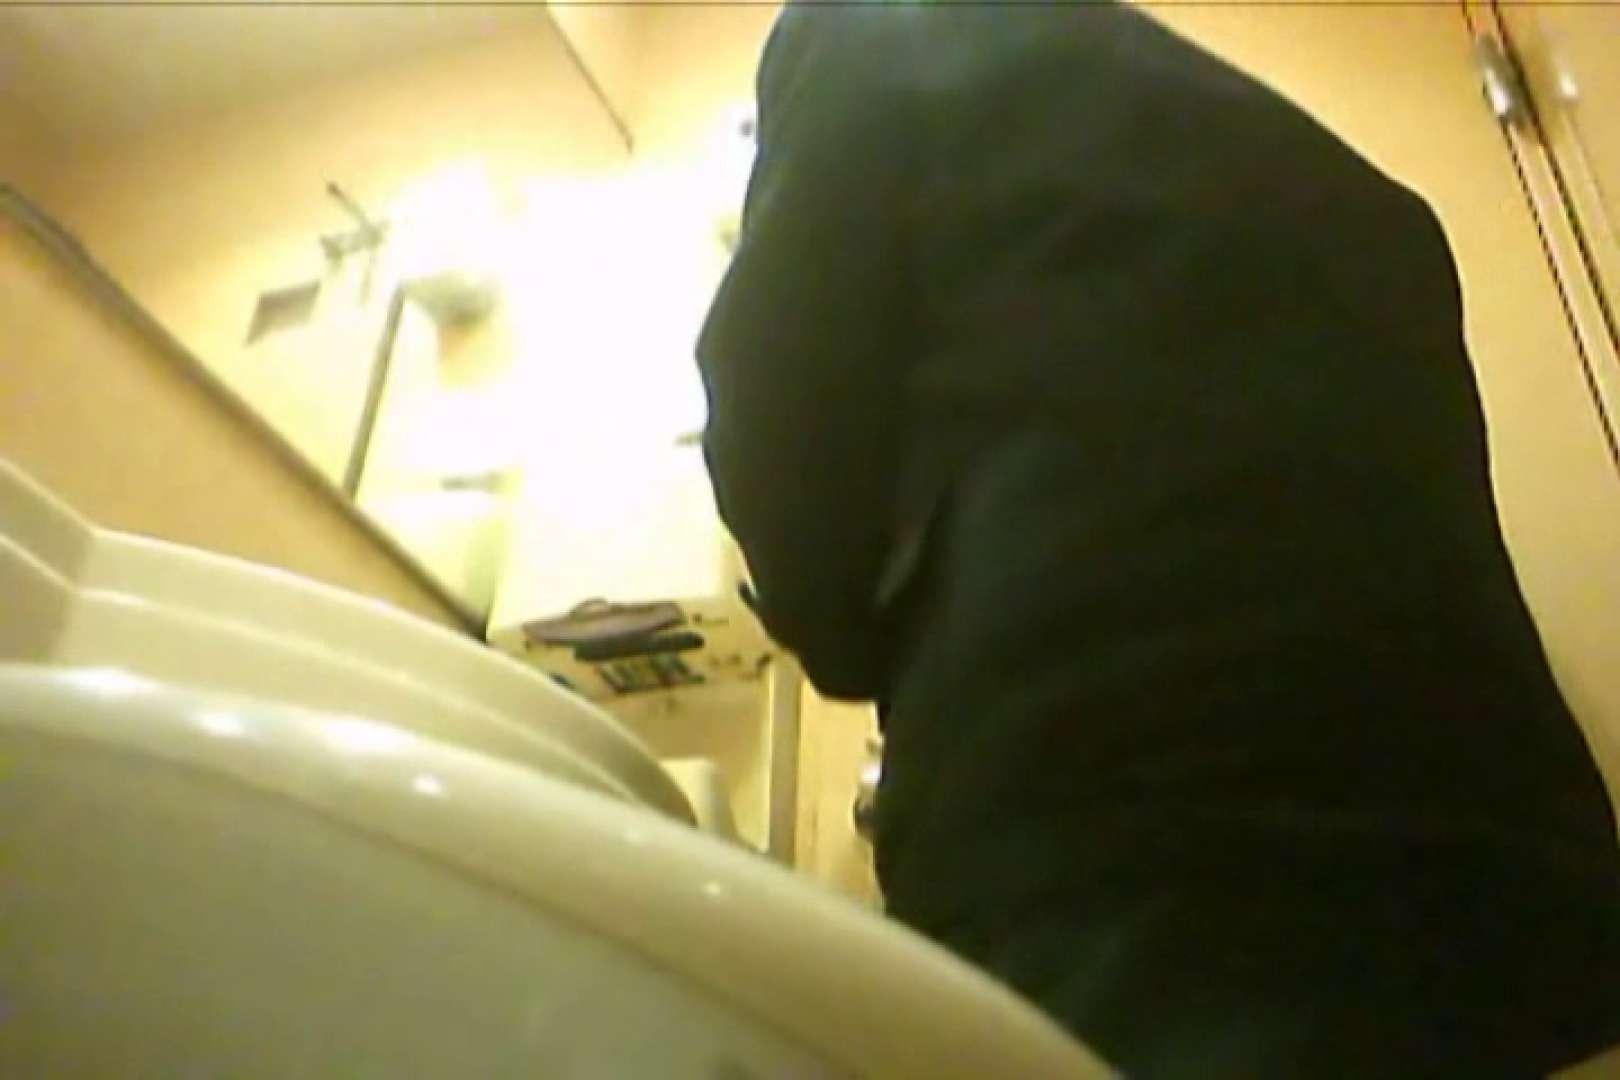 Gボーイ初投稿!掴み取りさんの洗面所覗き!in新幹線!VOL.17 リーマン系メンズ ゲイエロビデオ画像 8画像 7